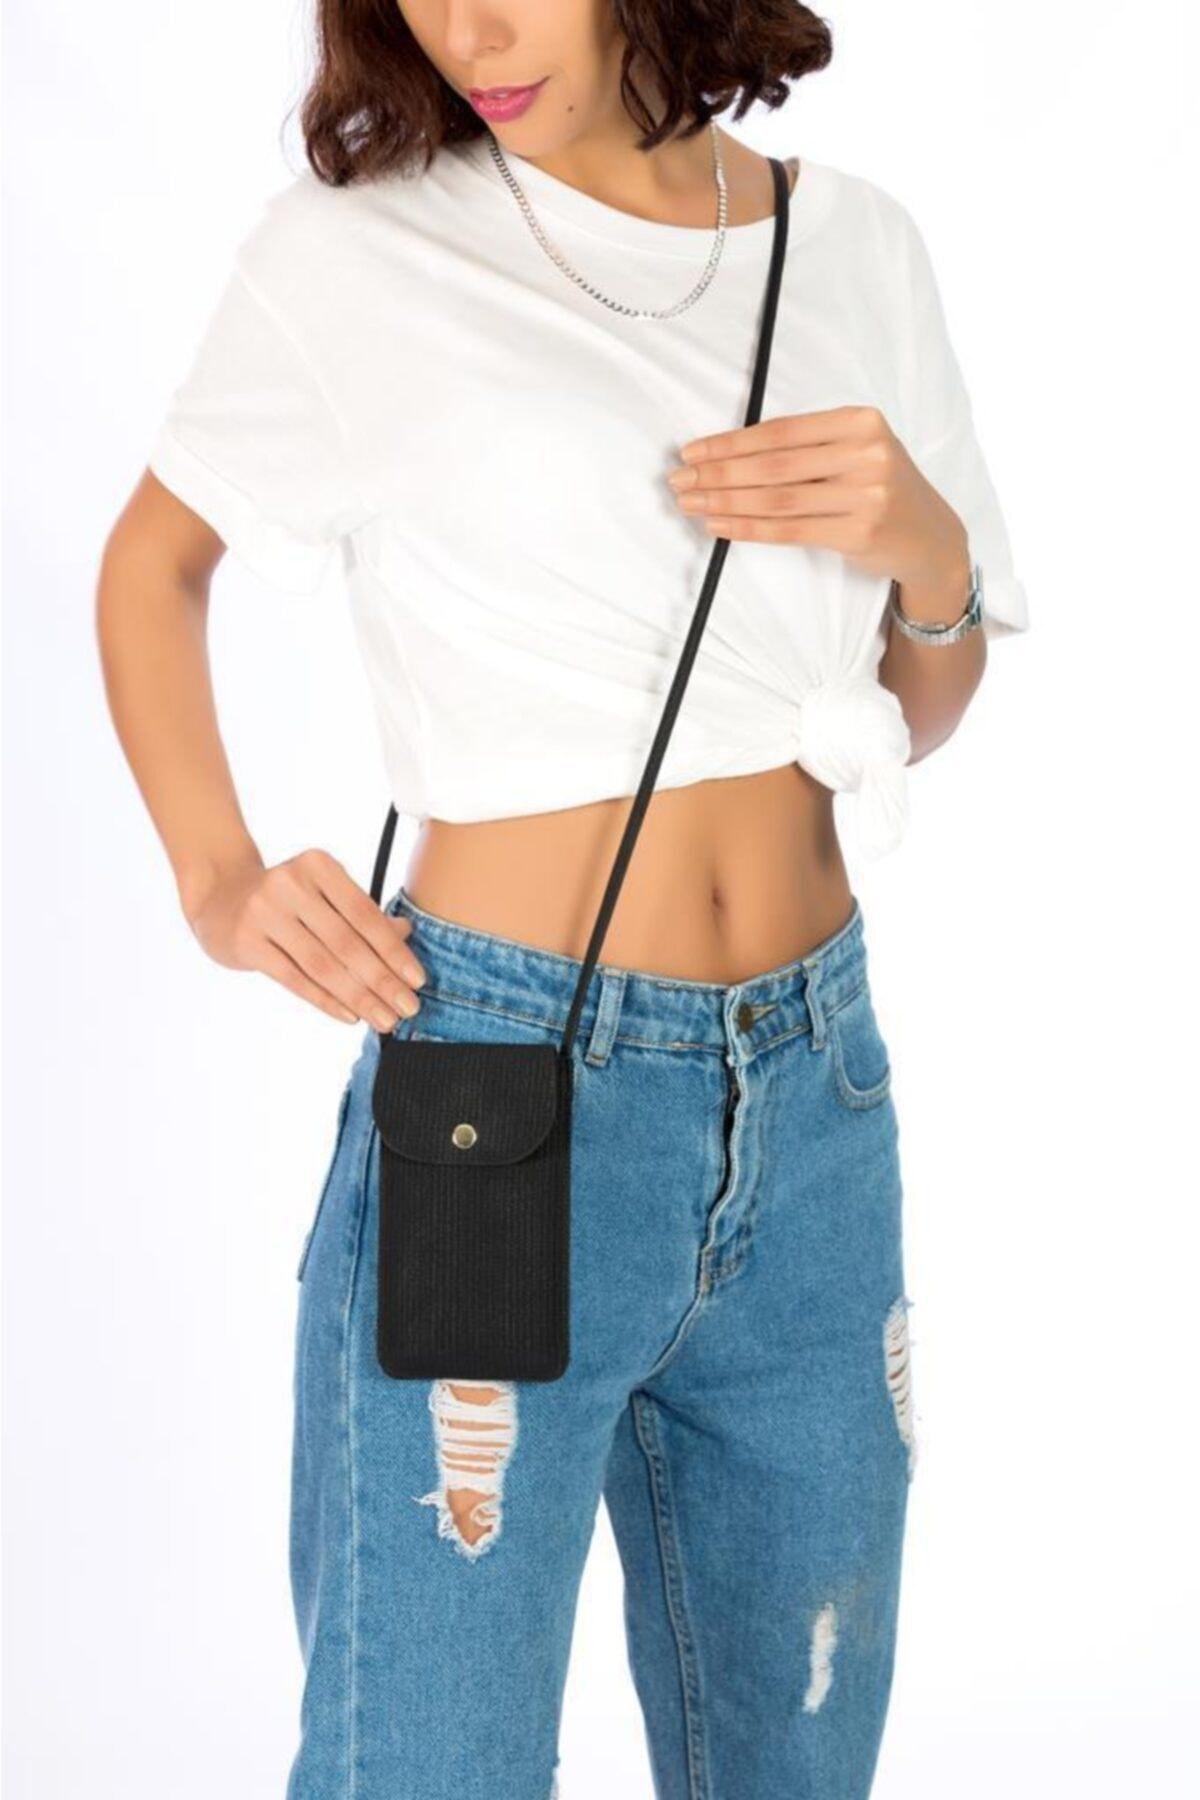 ESPARDİLE Kadın Siyah Kartlık Bölmeli Mini Çanta 1